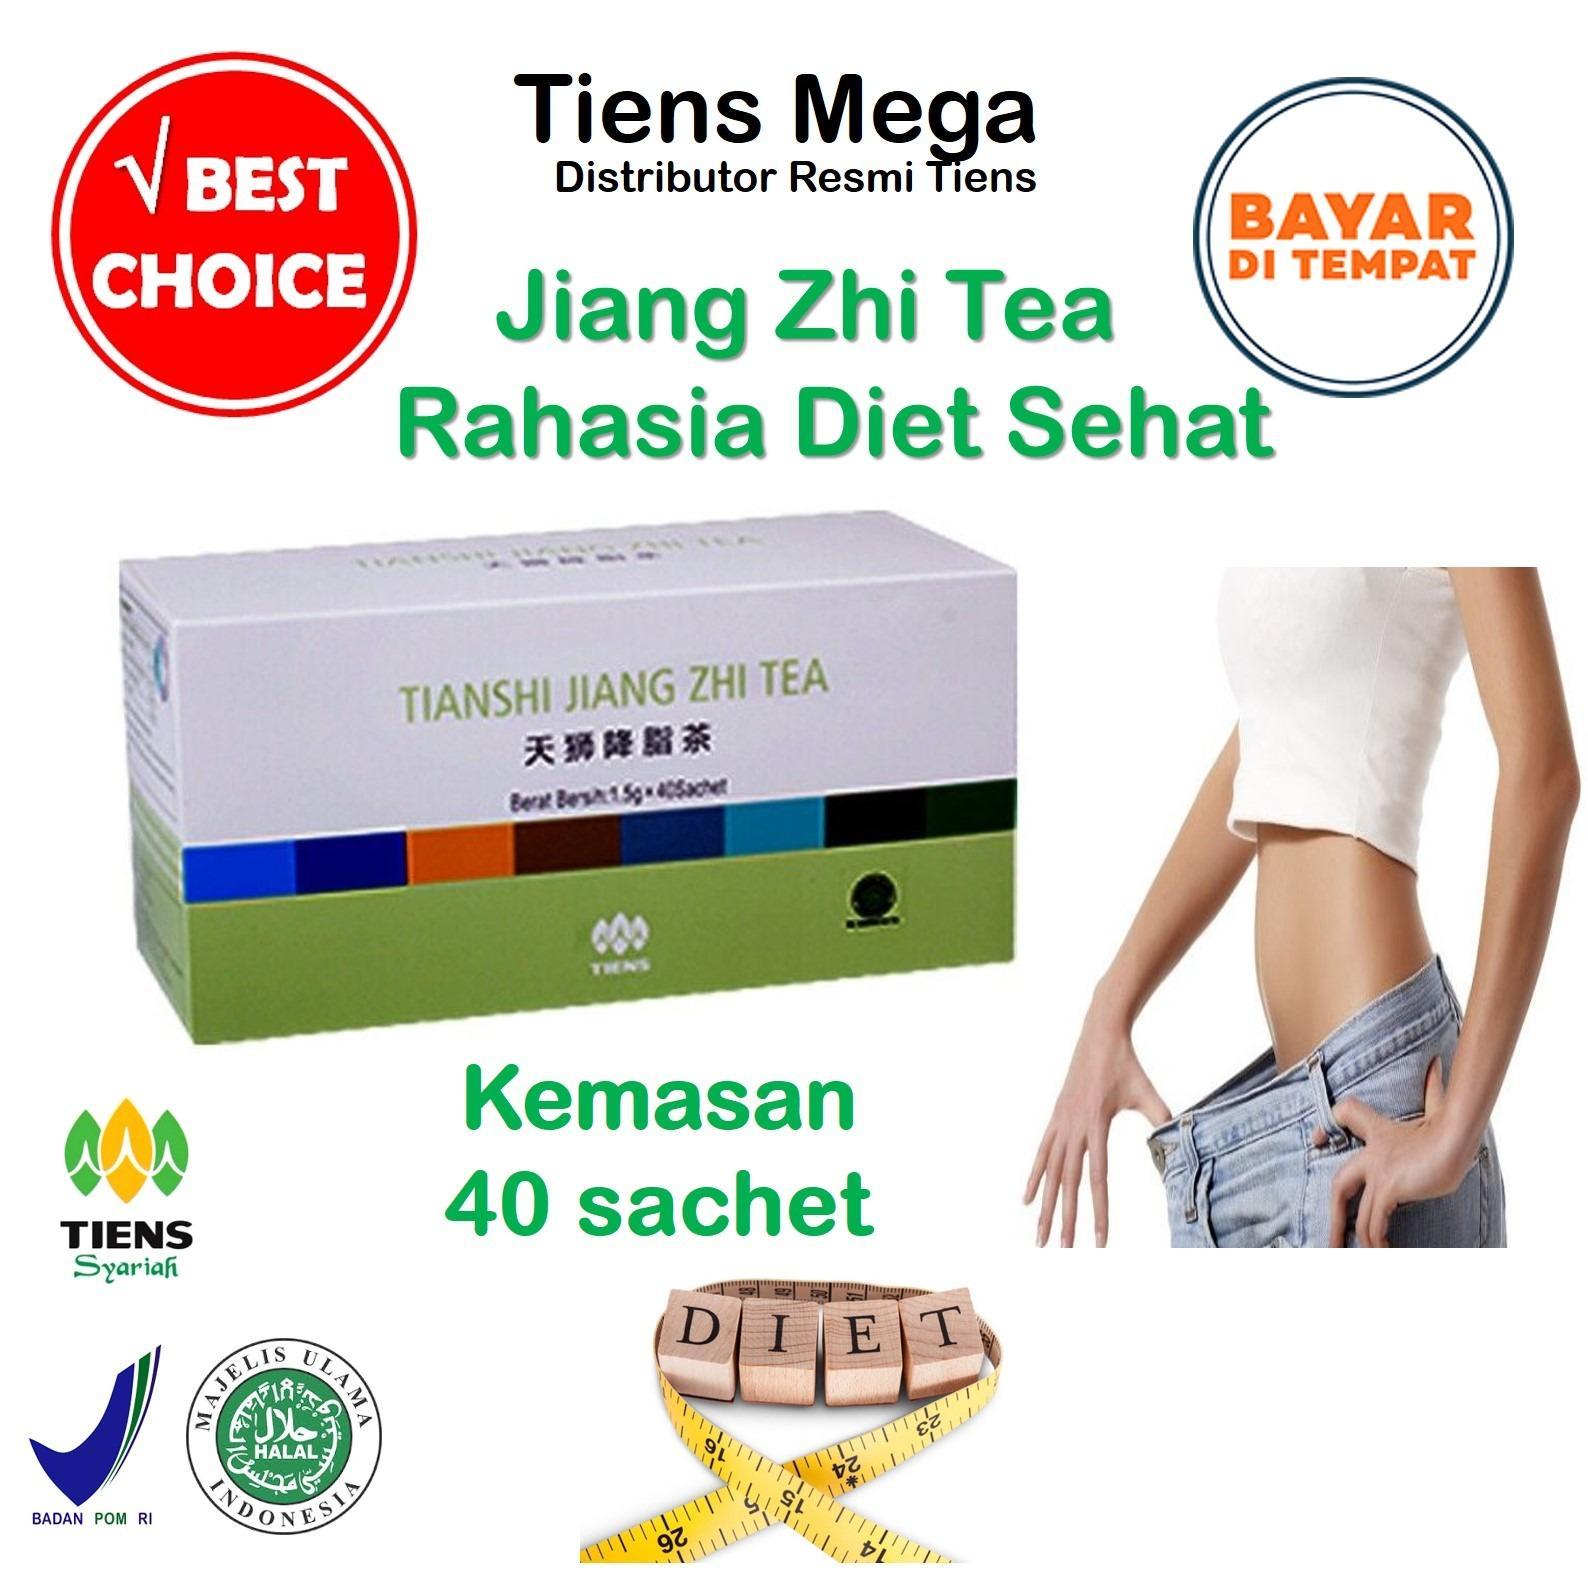 Spesifikasi Tiens Jiang Zhi Tea Solusi Diet Sehat Paket Promo Banting Harga 40 Sachet Gratis Kartu Diskon Tiens Mega Dan Harganya